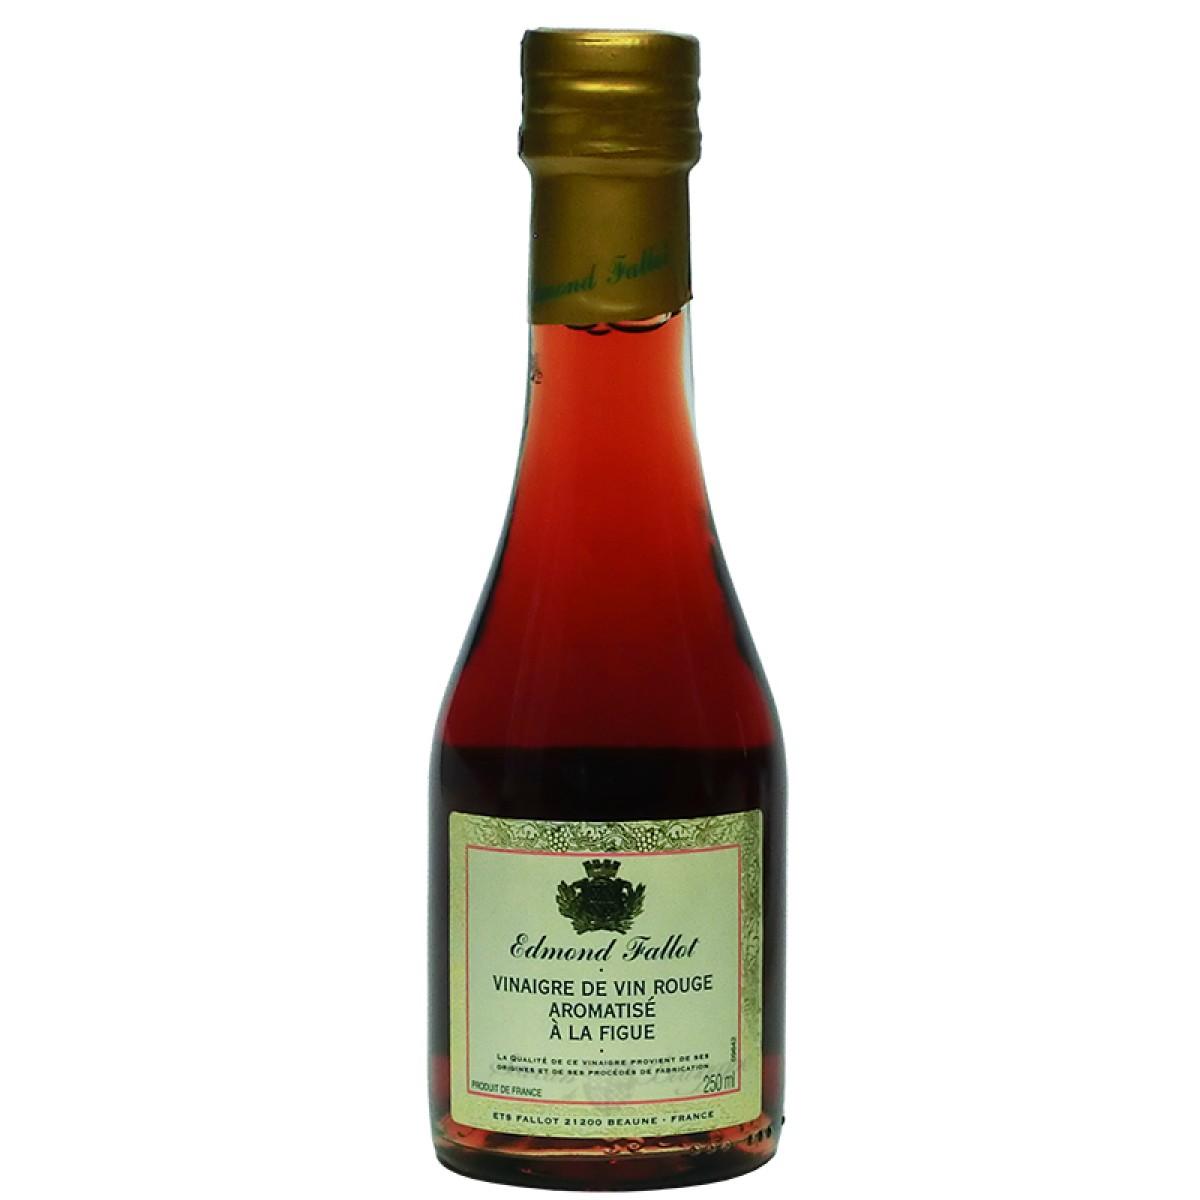 Vinaigre de vin rouge aromatis la figue 250ml fallot saveurs de bourgogn - Moutarde fallot vente ...